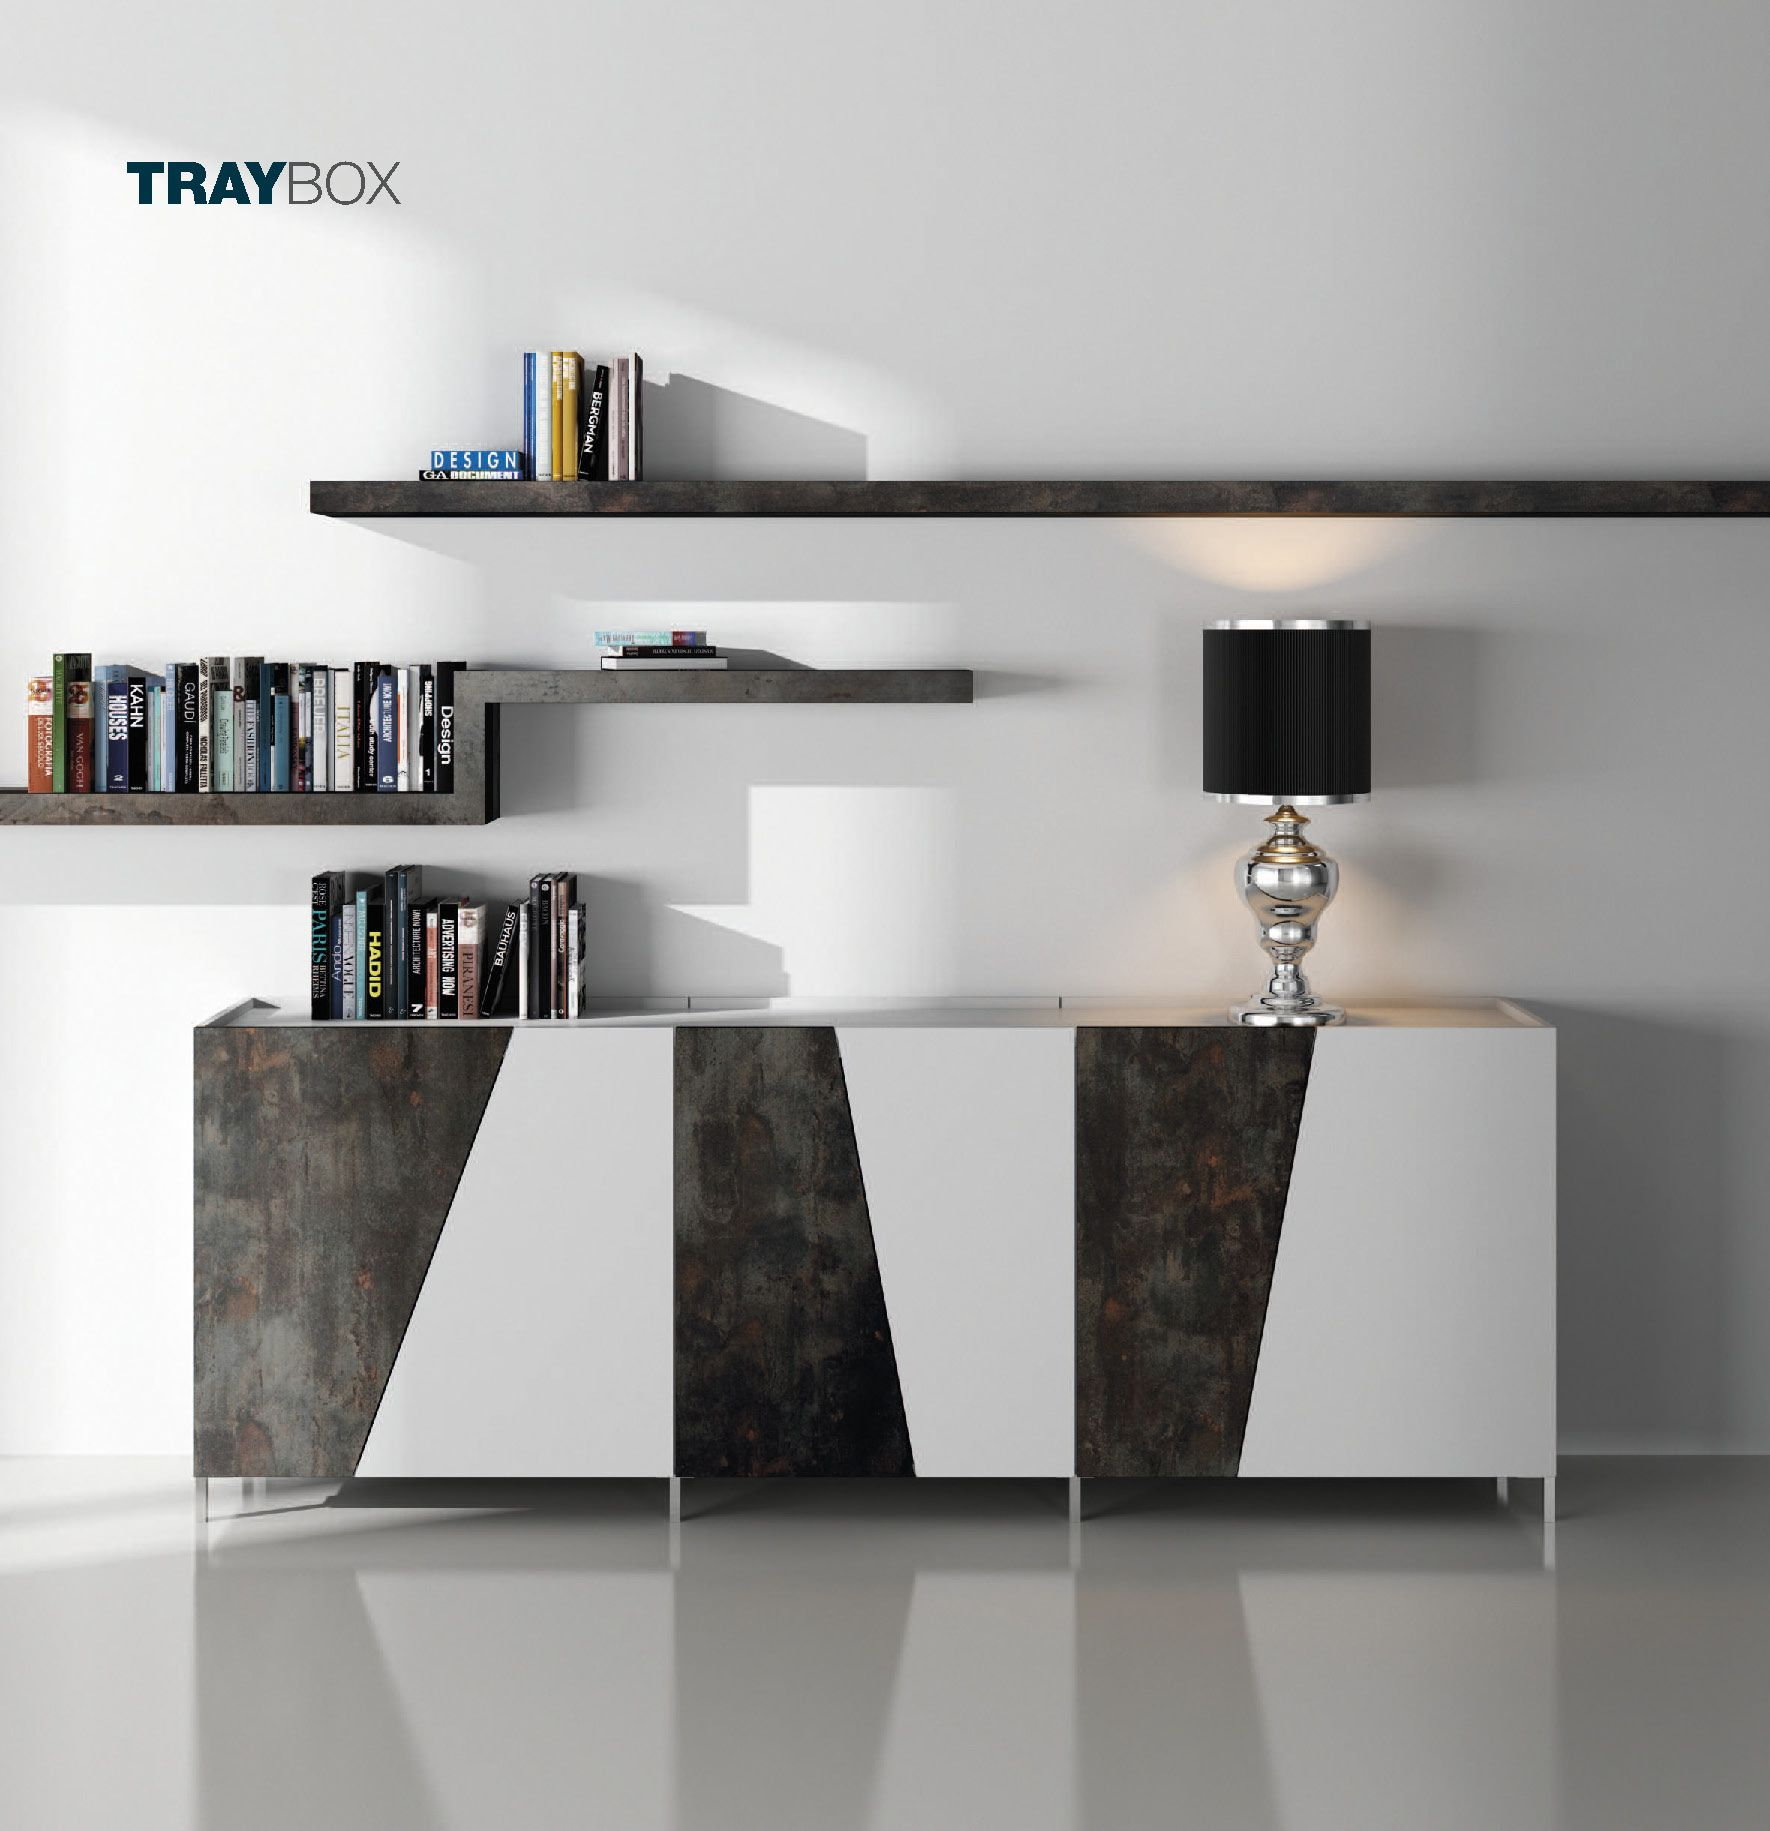 Traybox - - www.derosso.it | De Rosso | Pinterest | Design ...